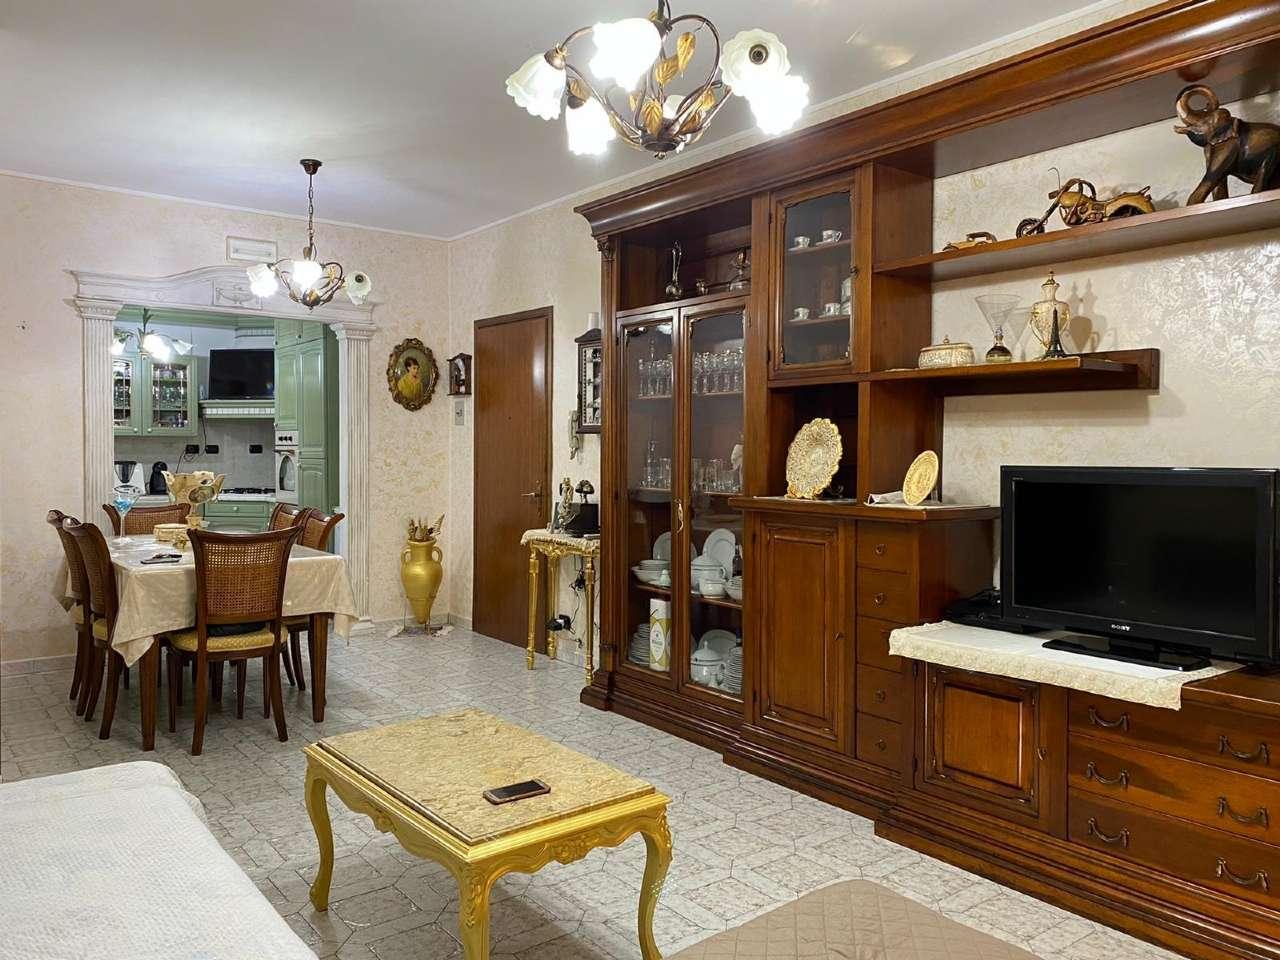 Appartamento in vendita a Quattro Castella, 4 locali, prezzo € 110.000   PortaleAgenzieImmobiliari.it